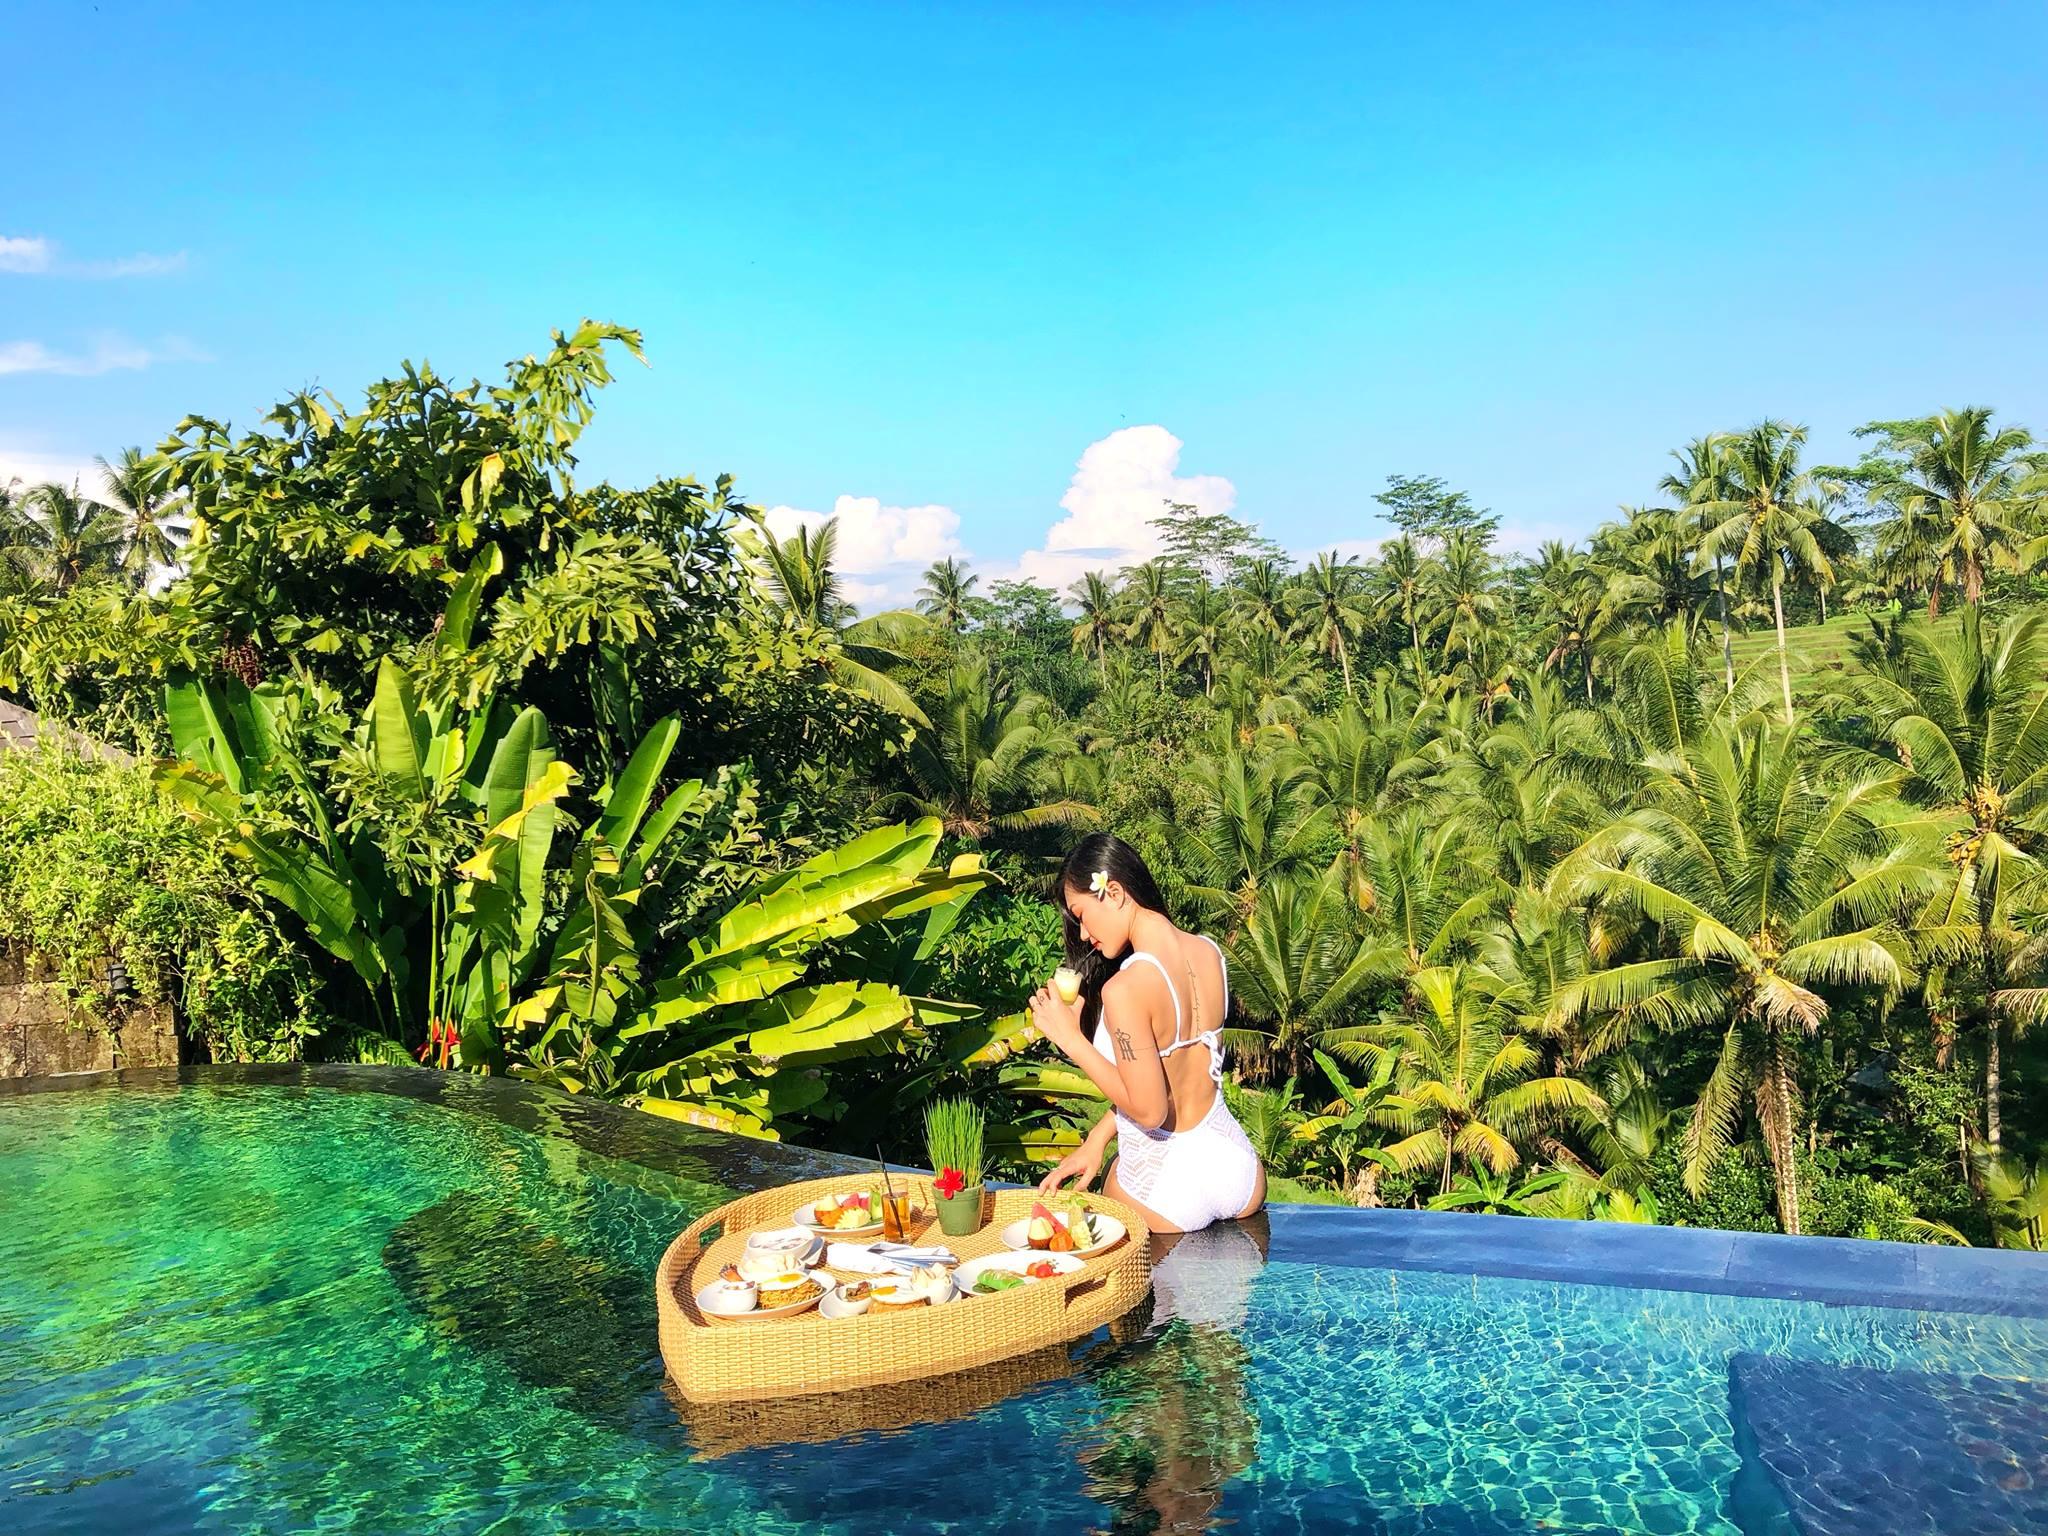 bali-floating-breakfast